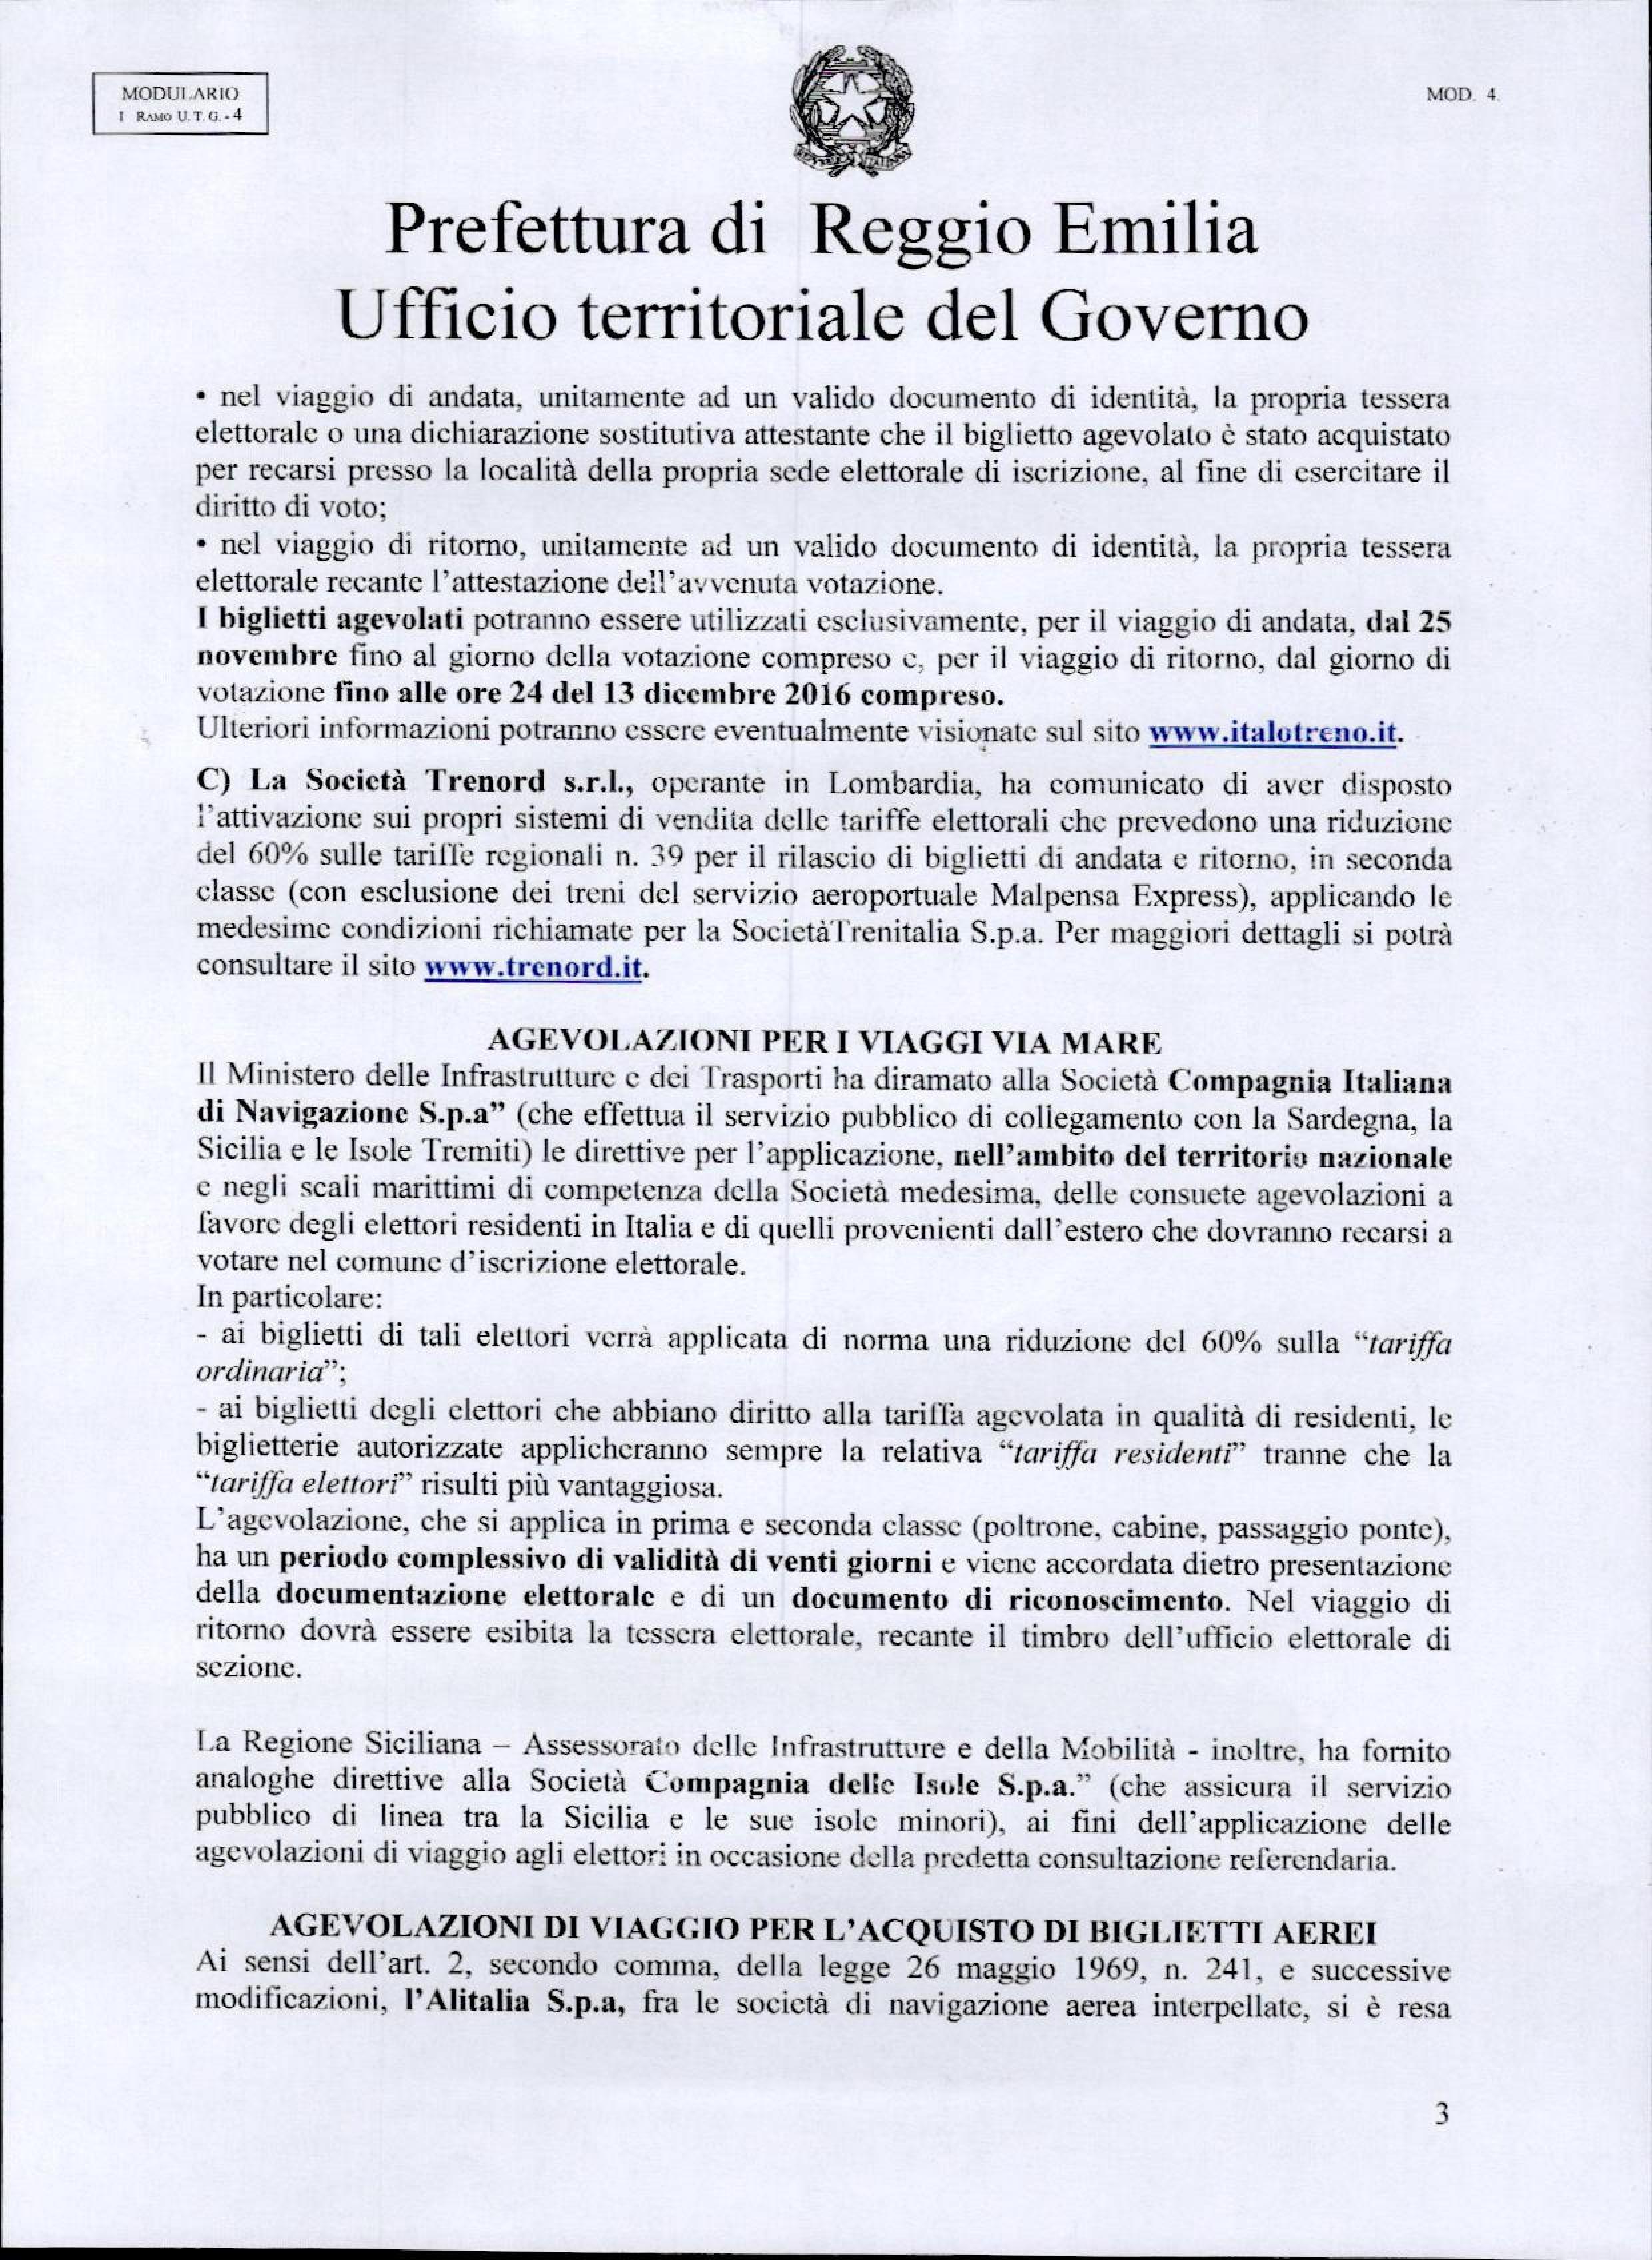 circolare-agevolazione-tariffarie-per-elettori-page-003